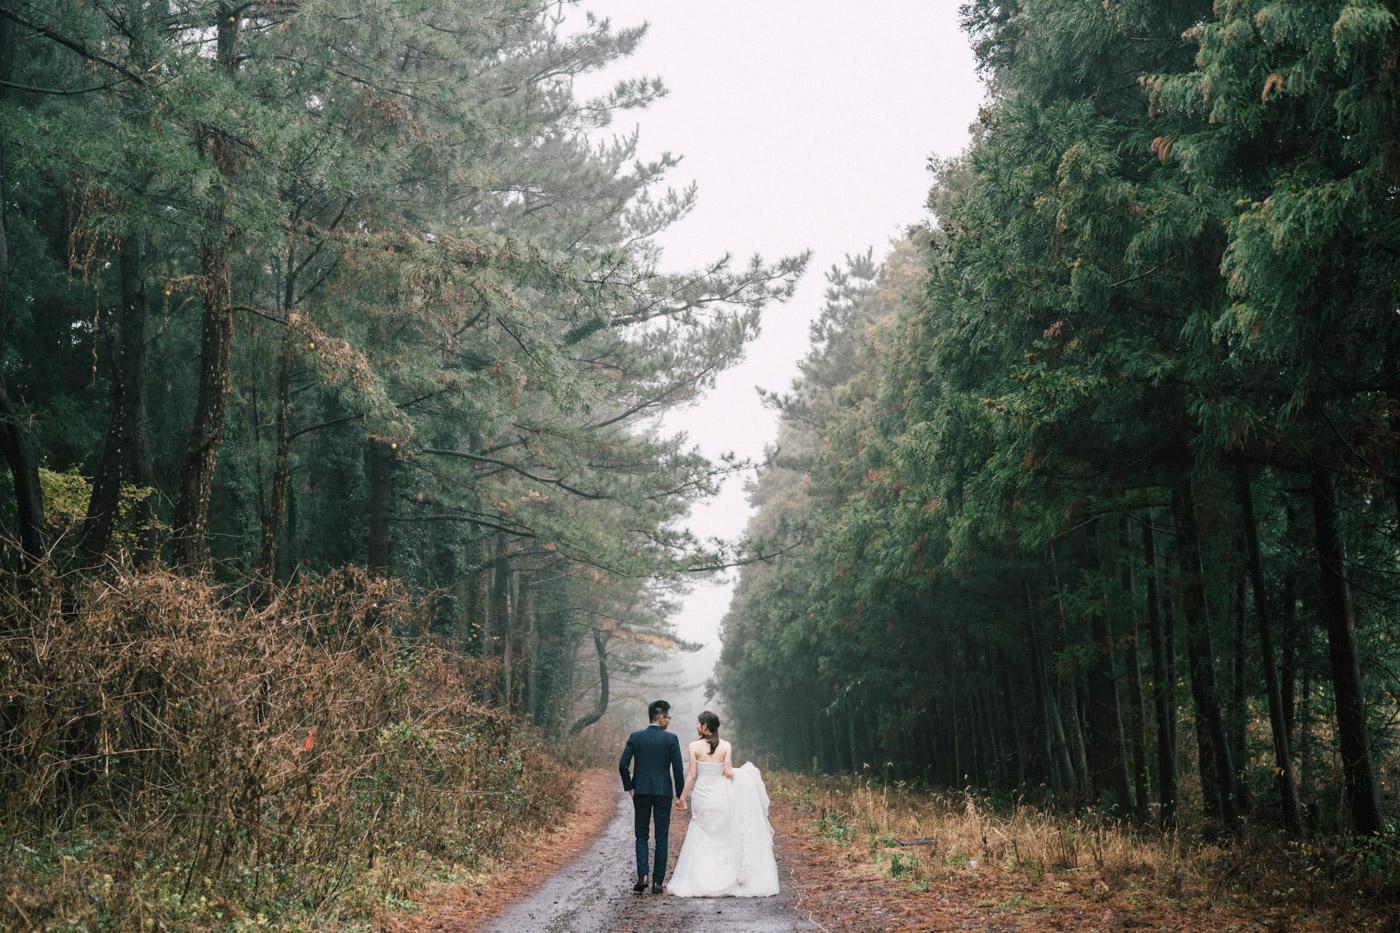 韓國濟州島婚紗行程